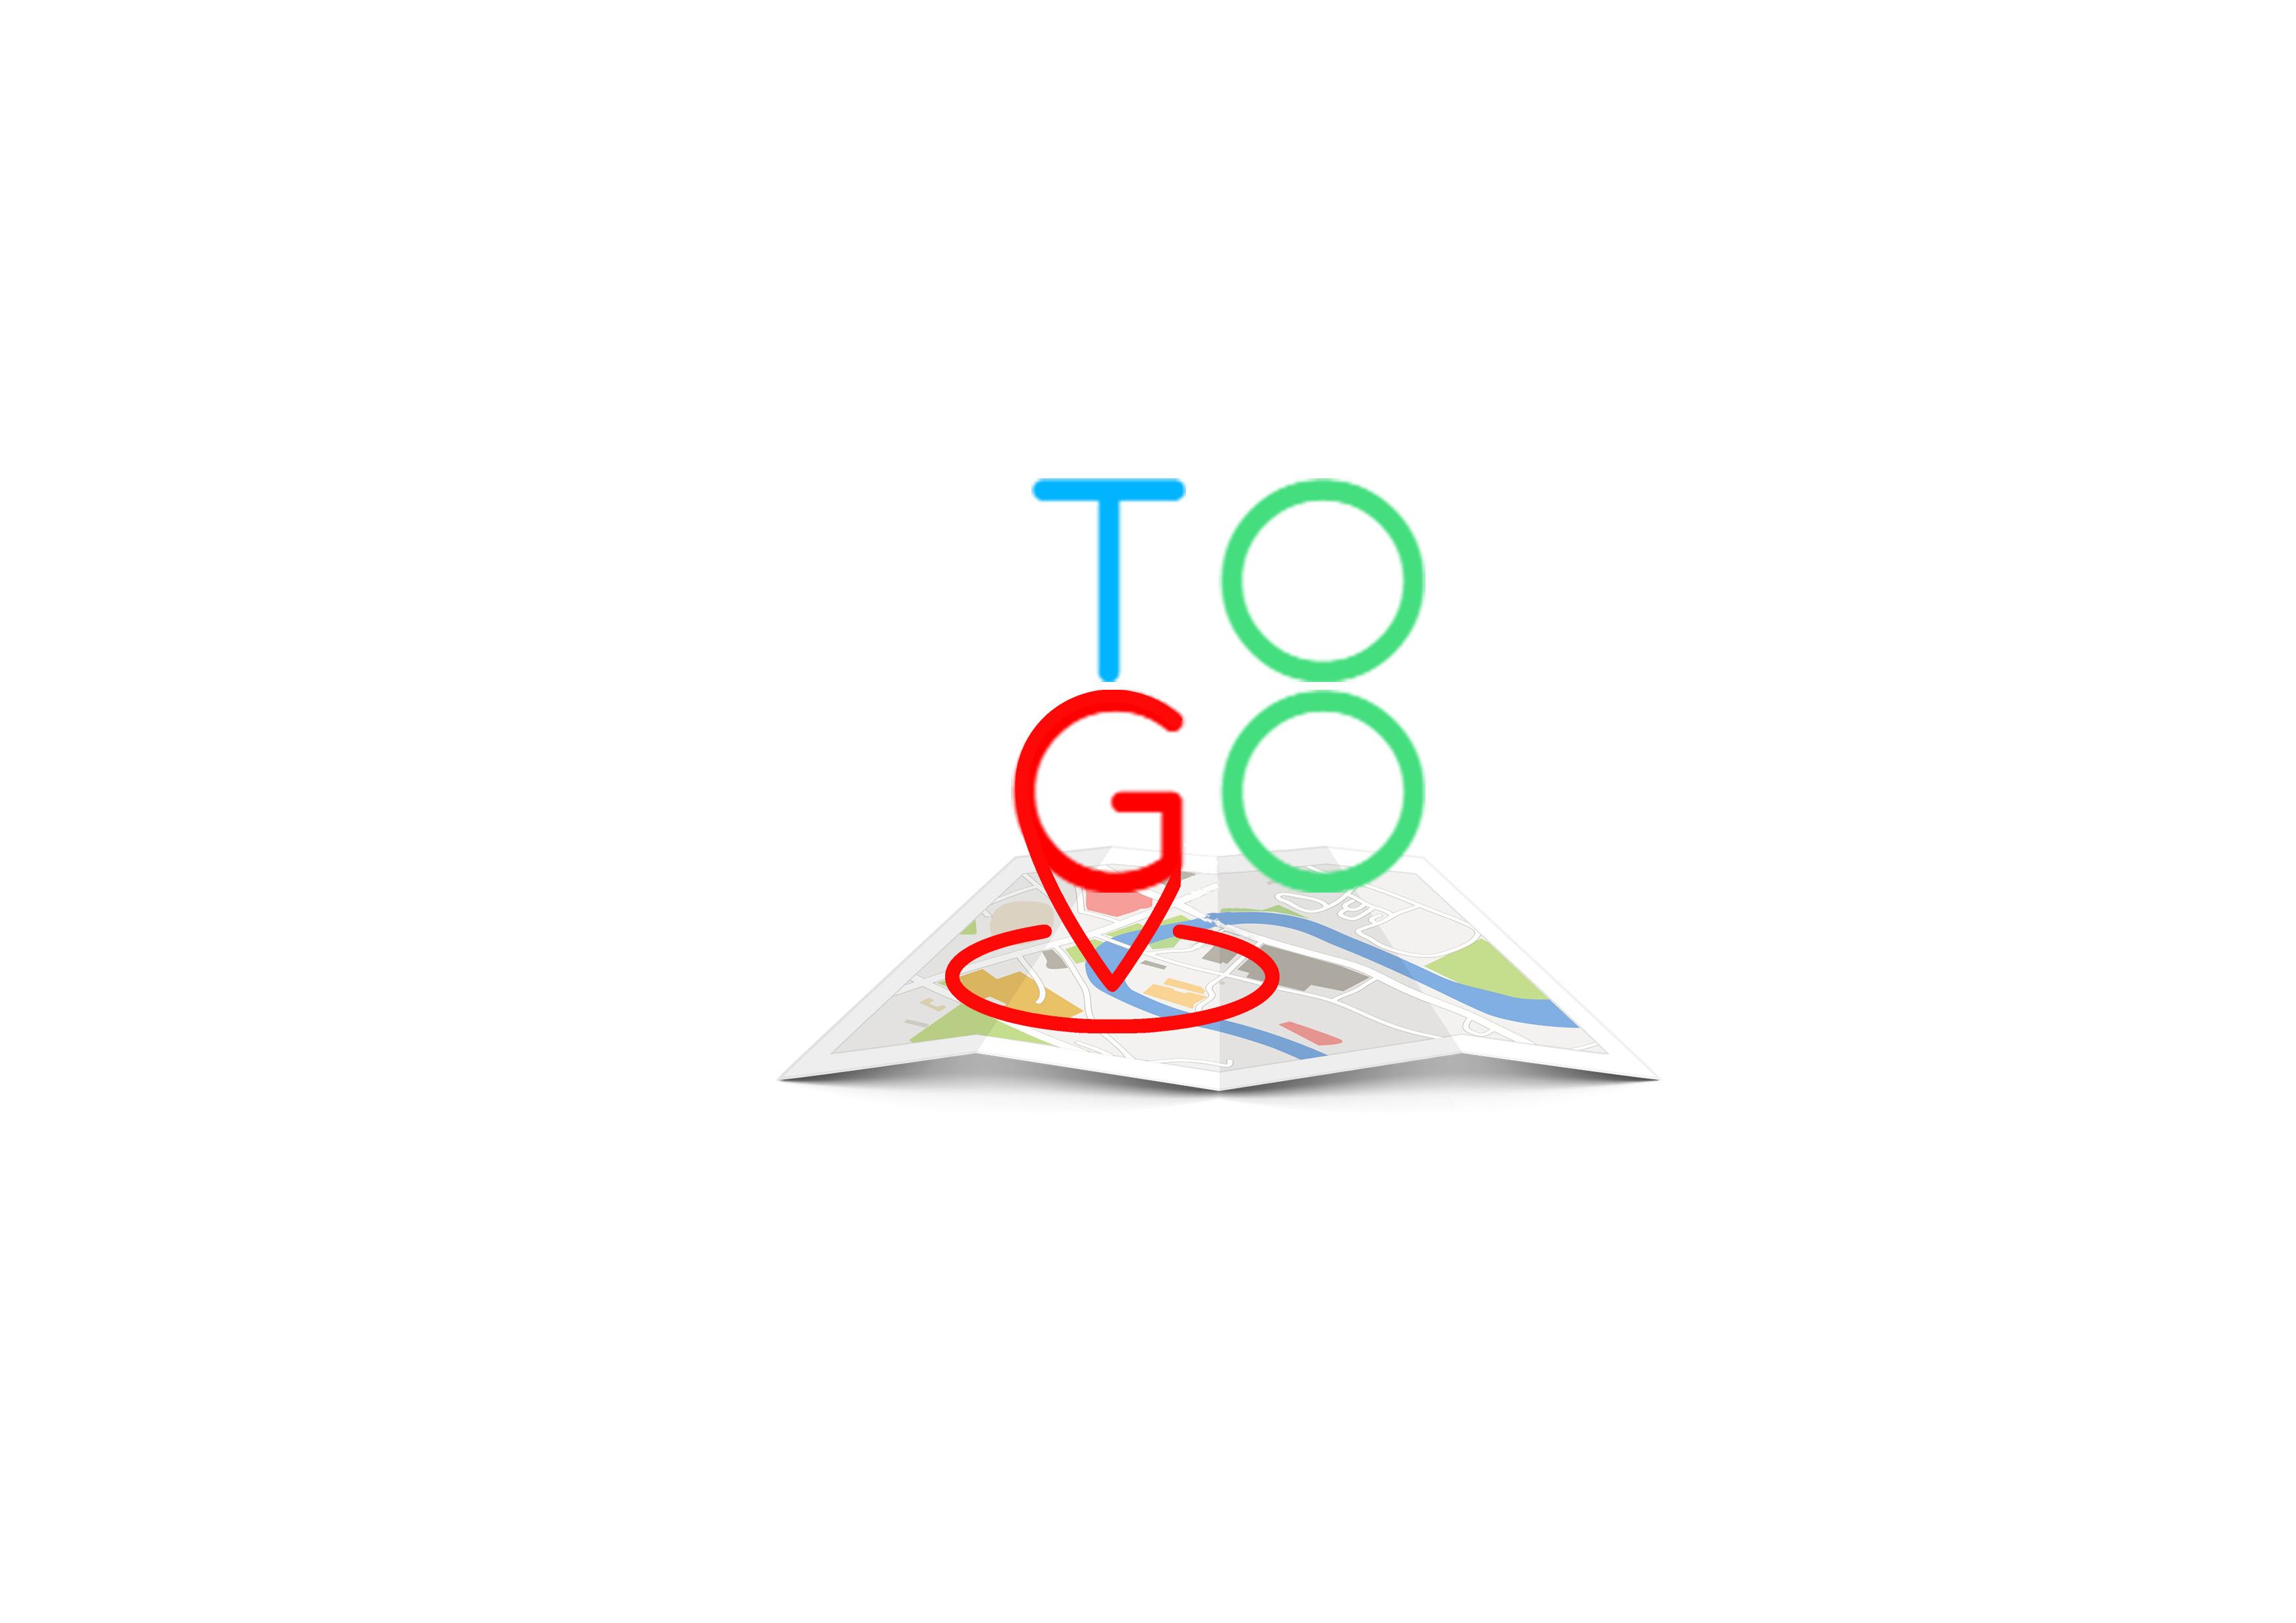 Разработать логотип и экран загрузки приложения фото f_6695a82f218a243e.jpg